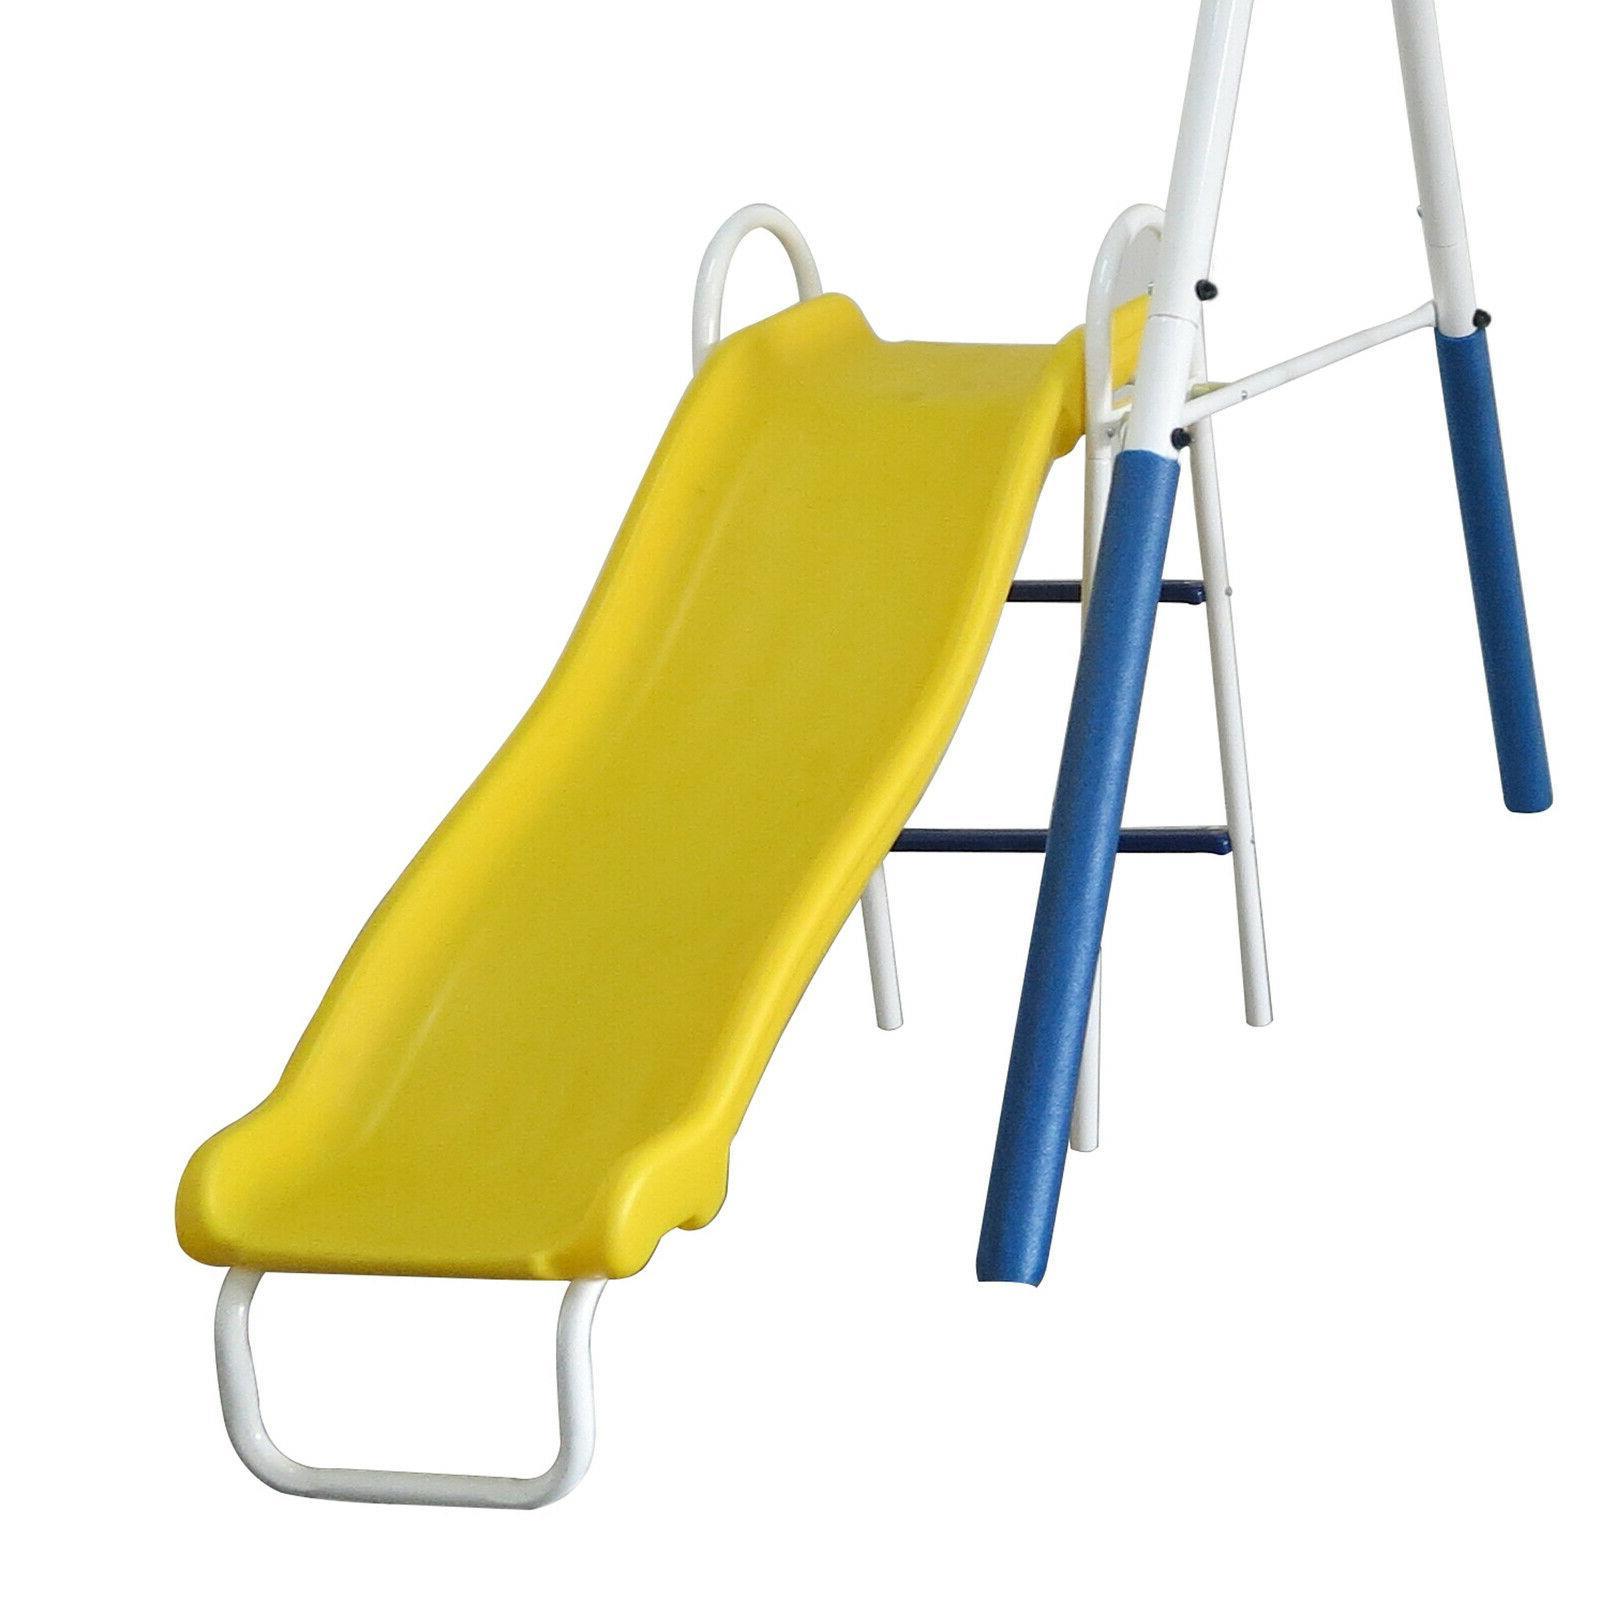 Swing Metal Swingset Metal Playground Outdoor Wave Slide